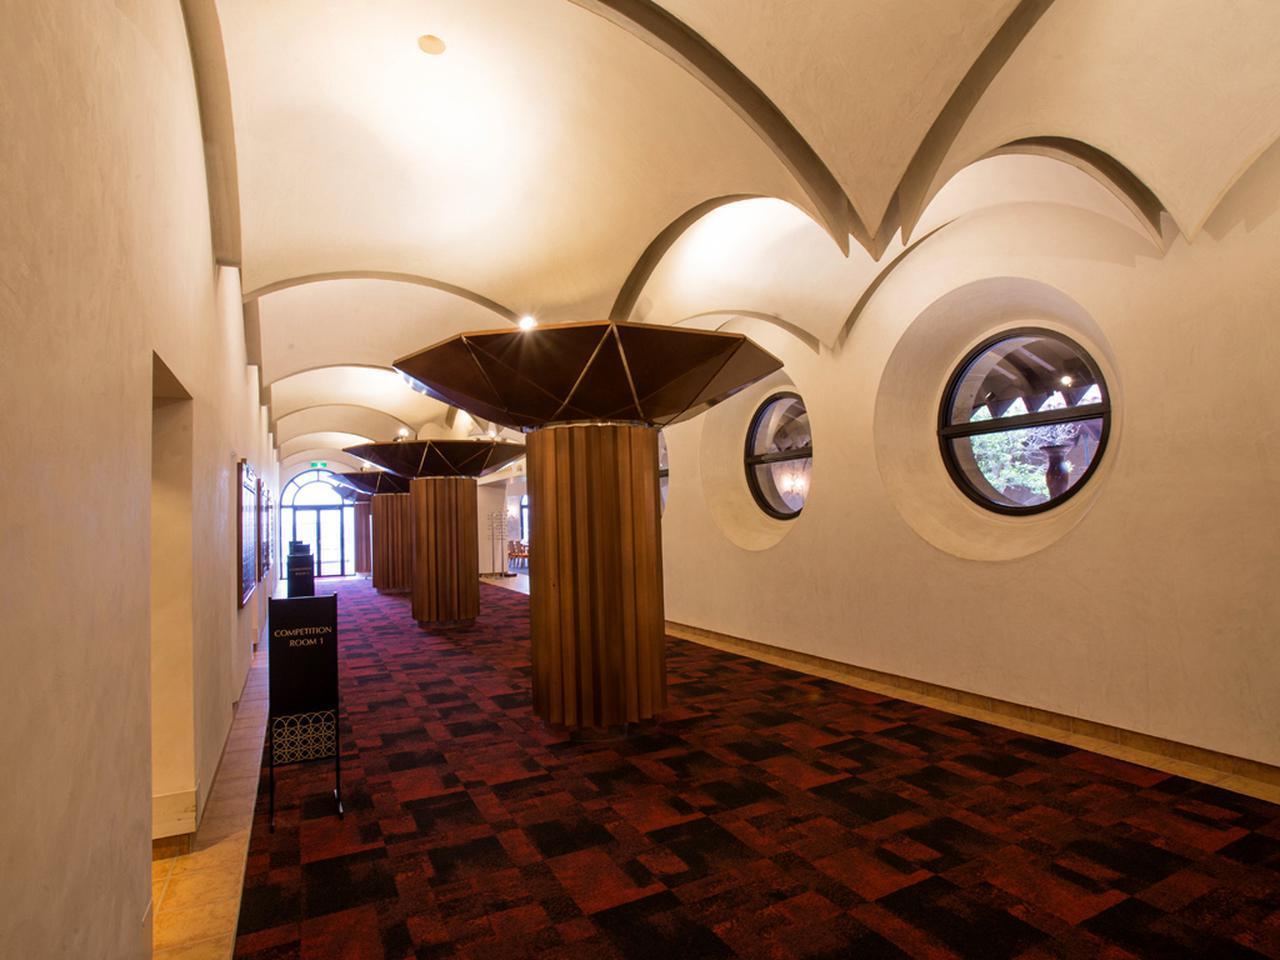 画像: ロビーから続く通路。左はコンペルームが並び、右奥にレストラン出入口がある